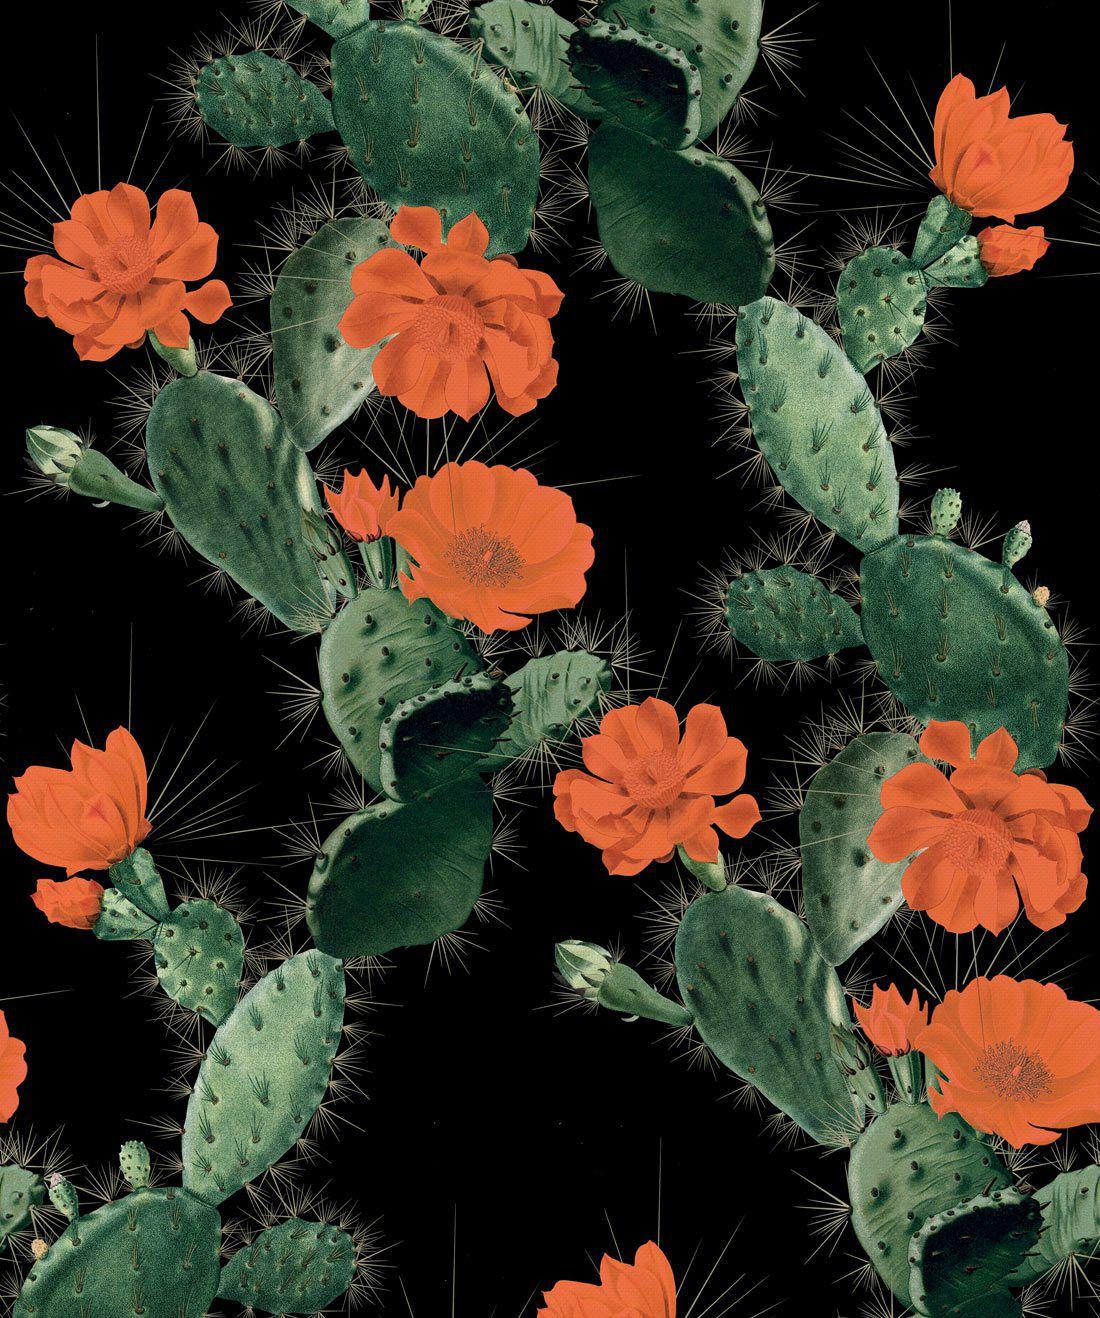 Cactus Red Night